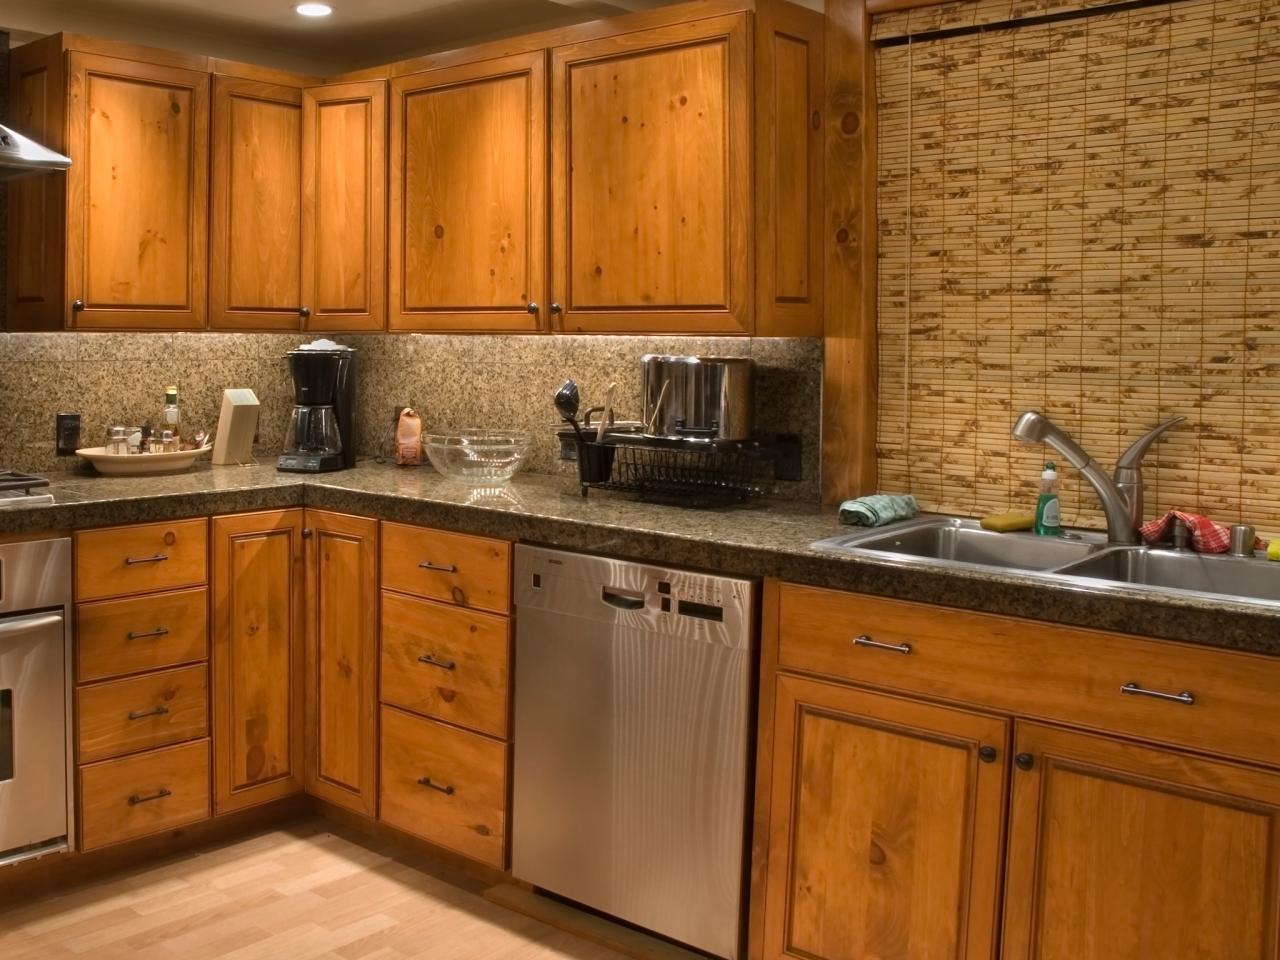 Thomasville Kitchen Cabinet Cream Reviews | Thomasville Cabinets | Thomasvillefurniture